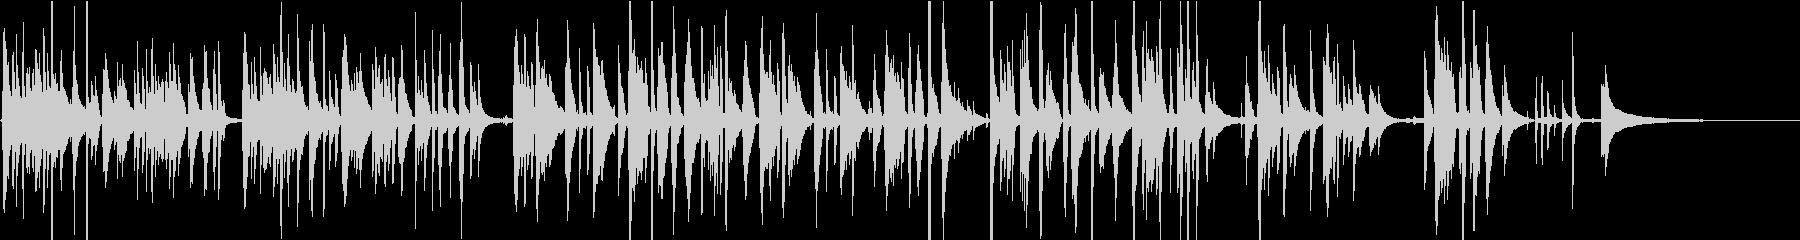 ナイロン弦の優しい音色のソロギターの未再生の波形